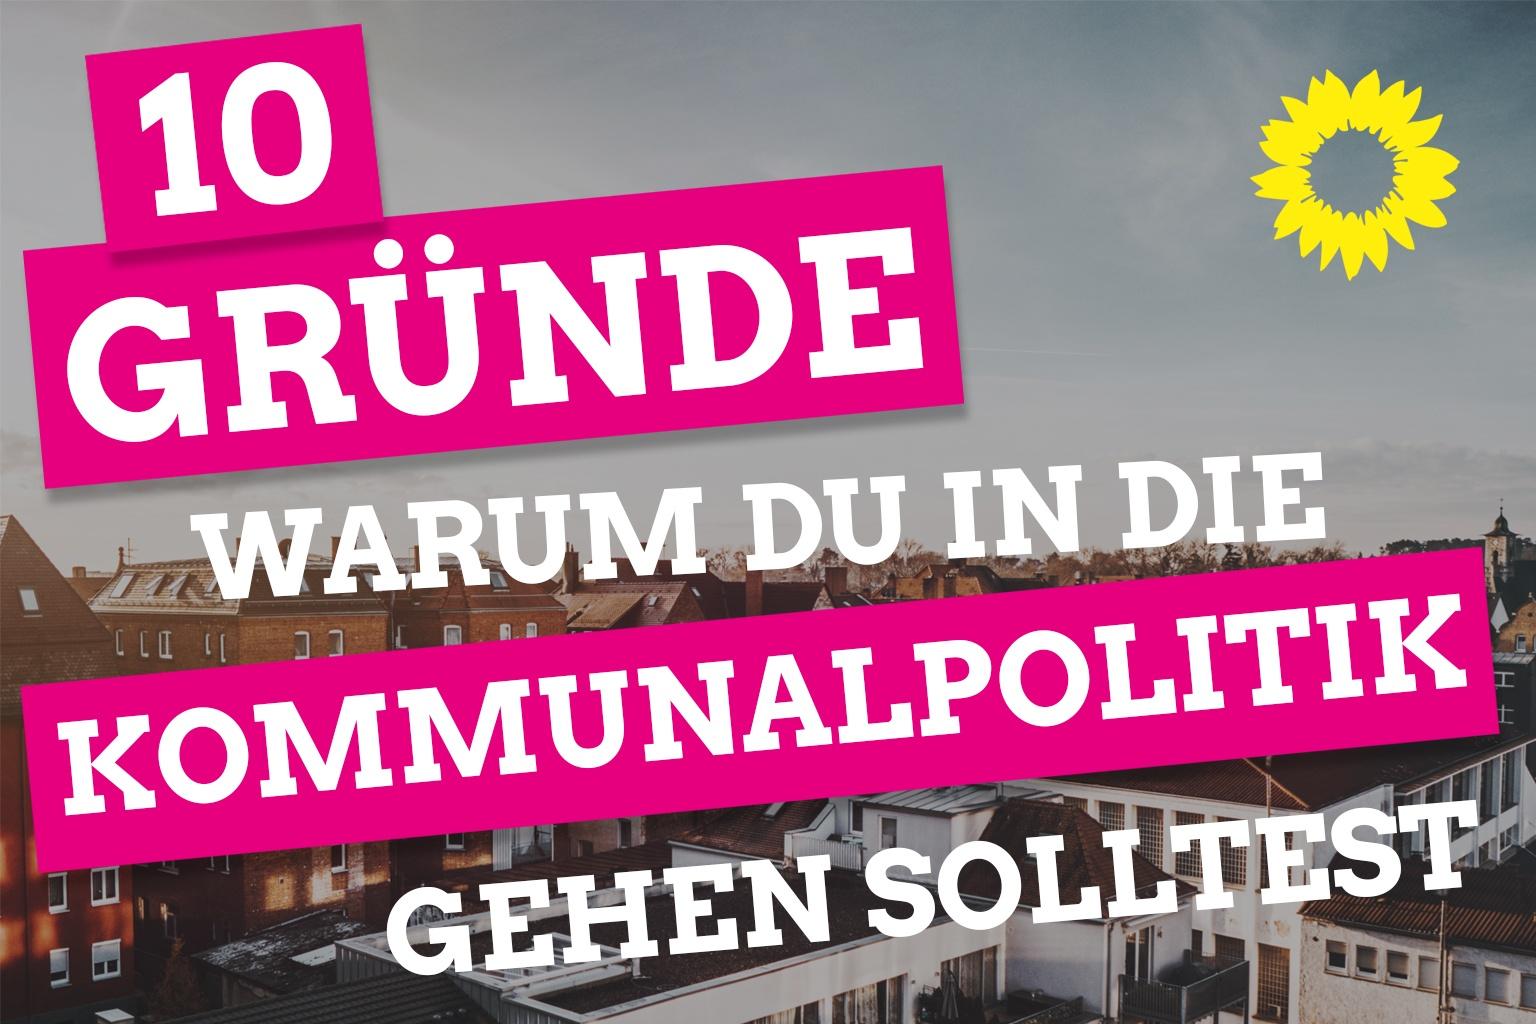 10 Gründe warum du in die-kommunalpolitik gehen solltest